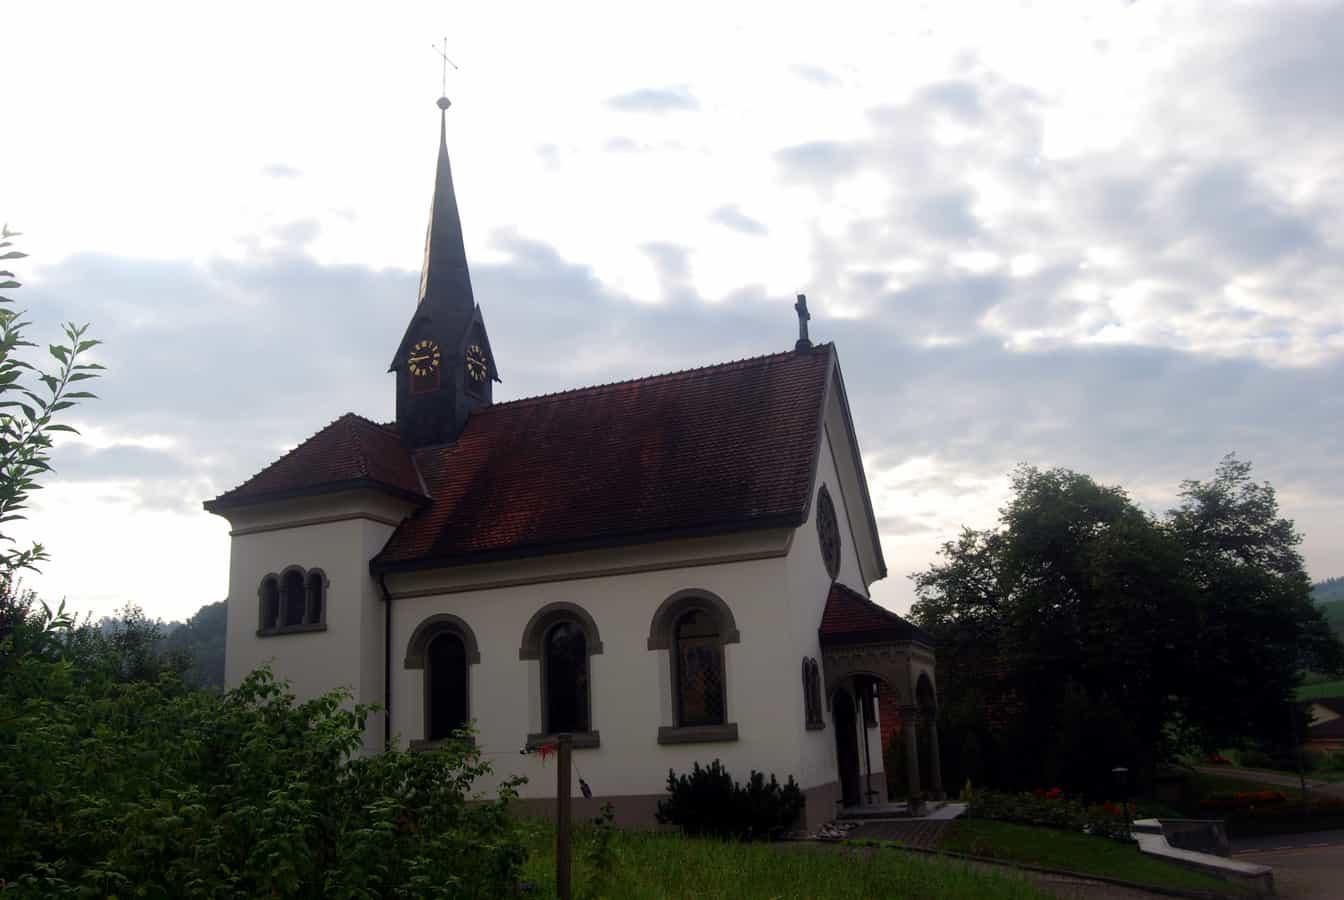 Kirche von Roggliswil